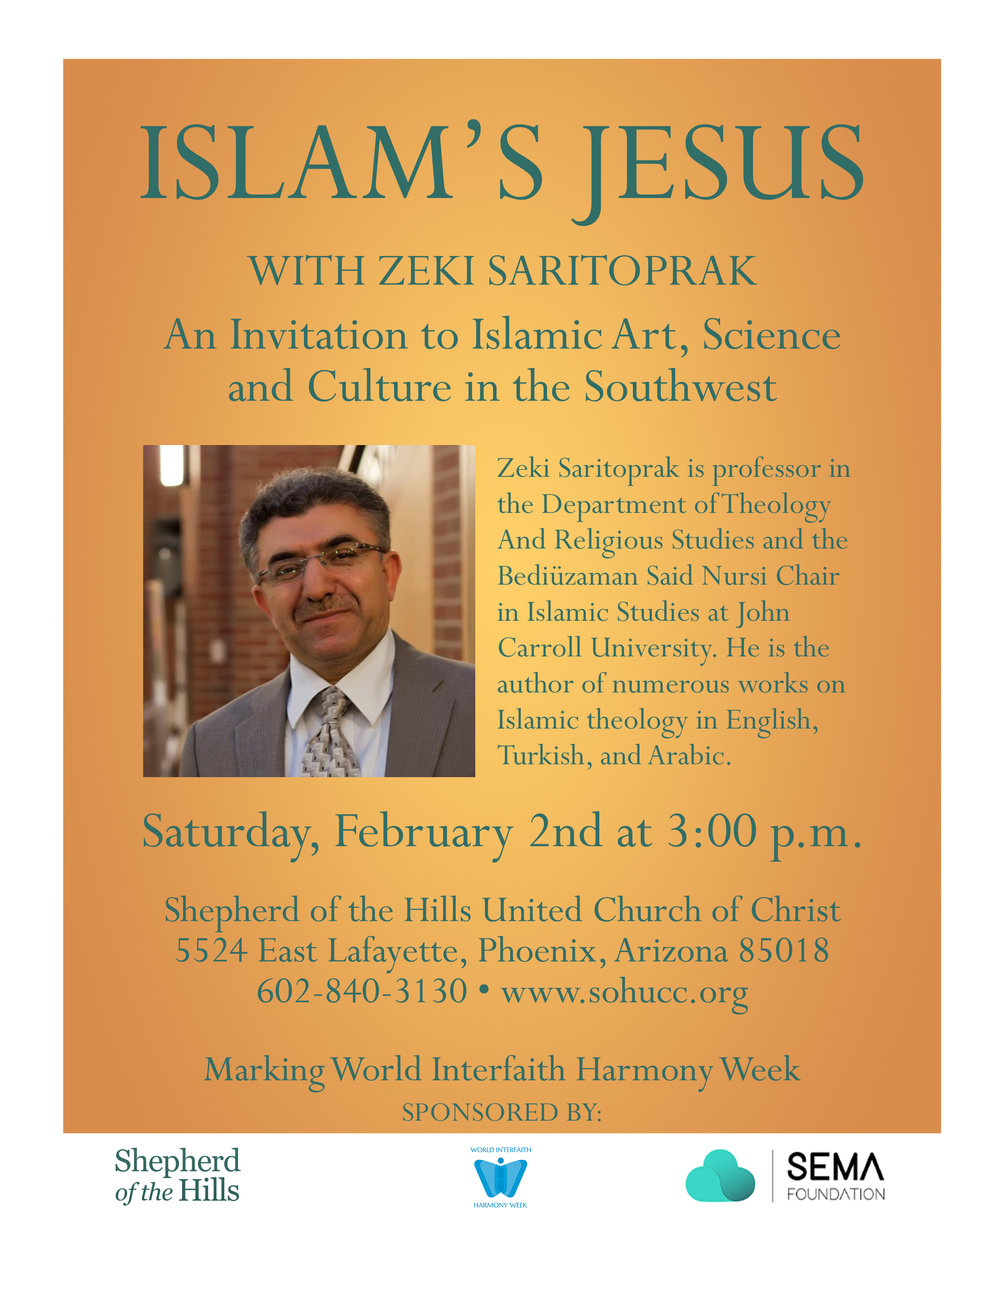 SOH - Letter Flyer - Islam's Jesus.jpg